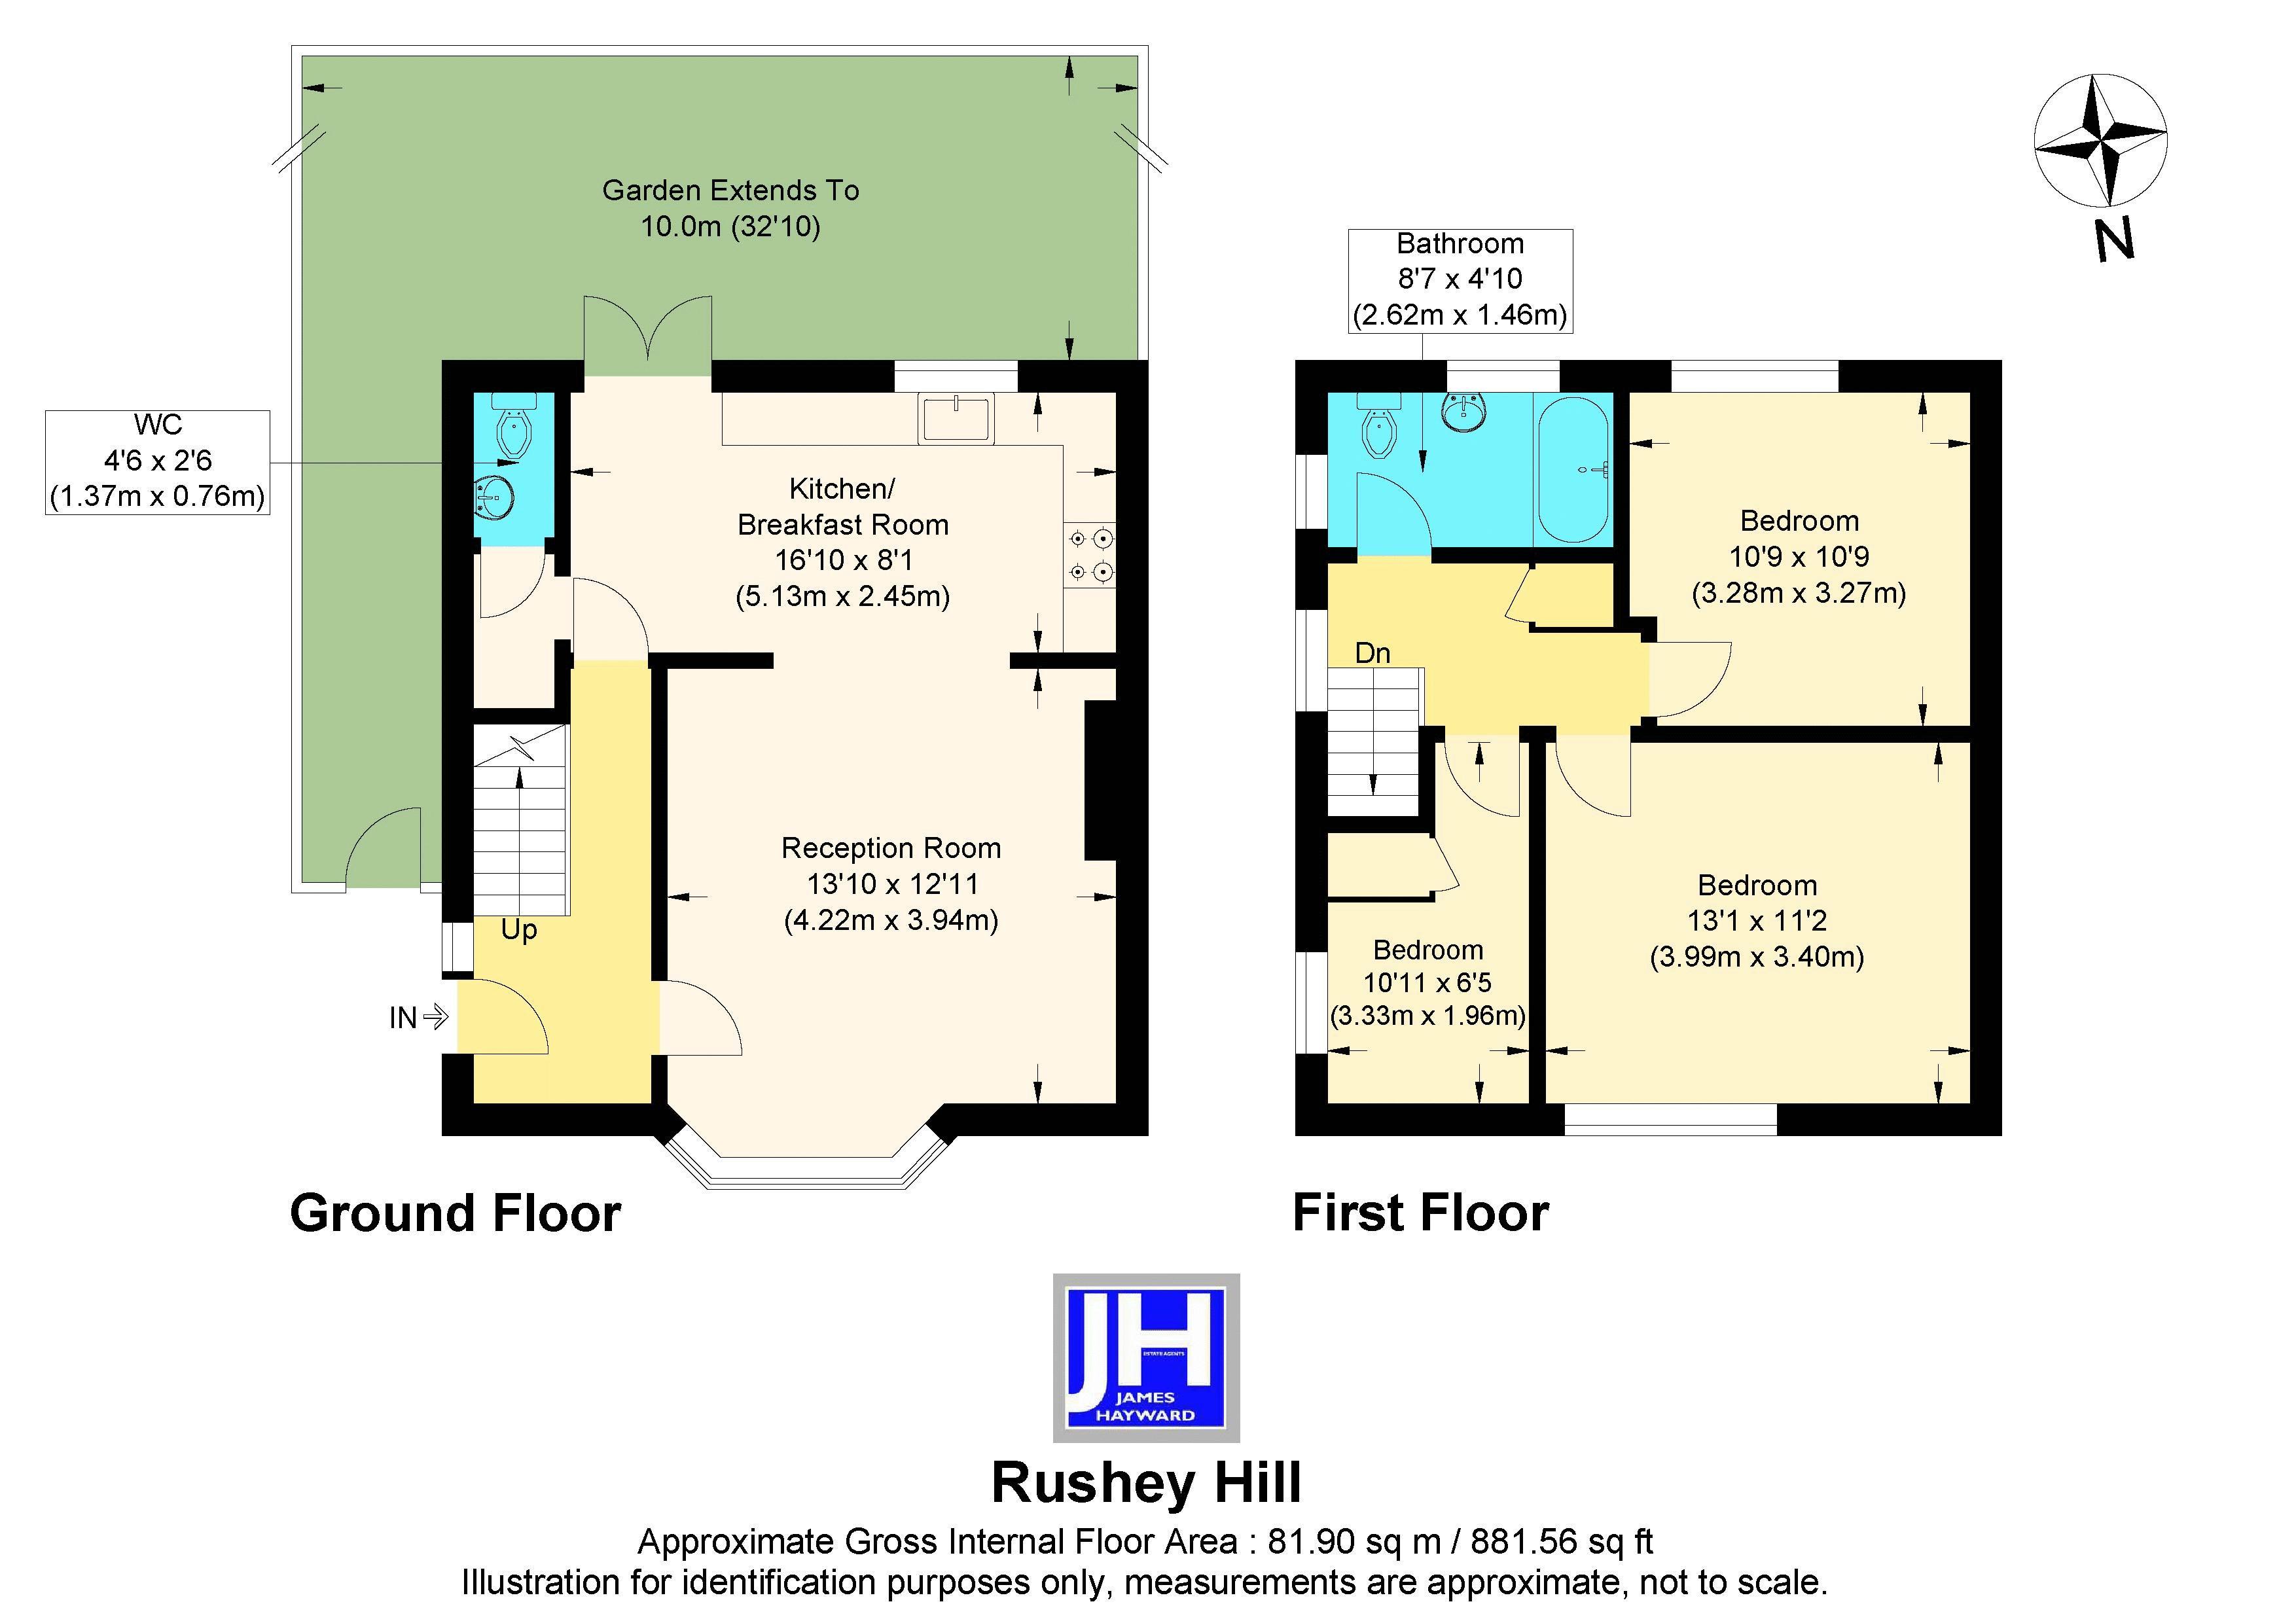 Rushey Hill